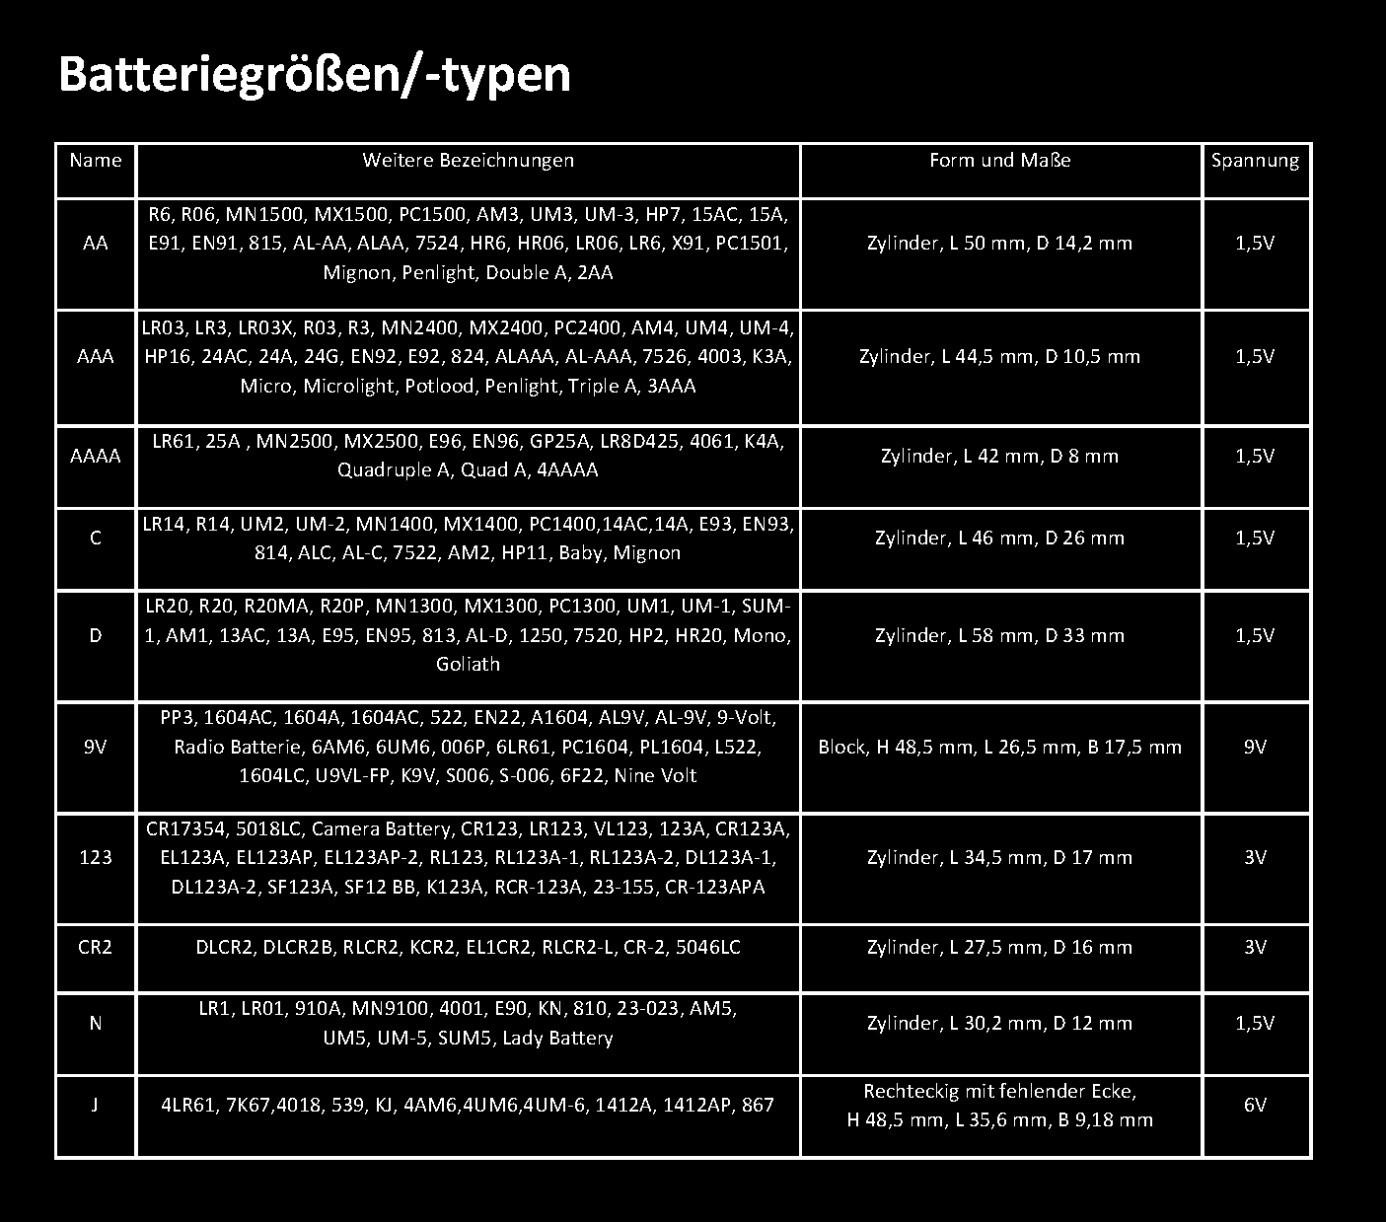 batteriegroessen-typen